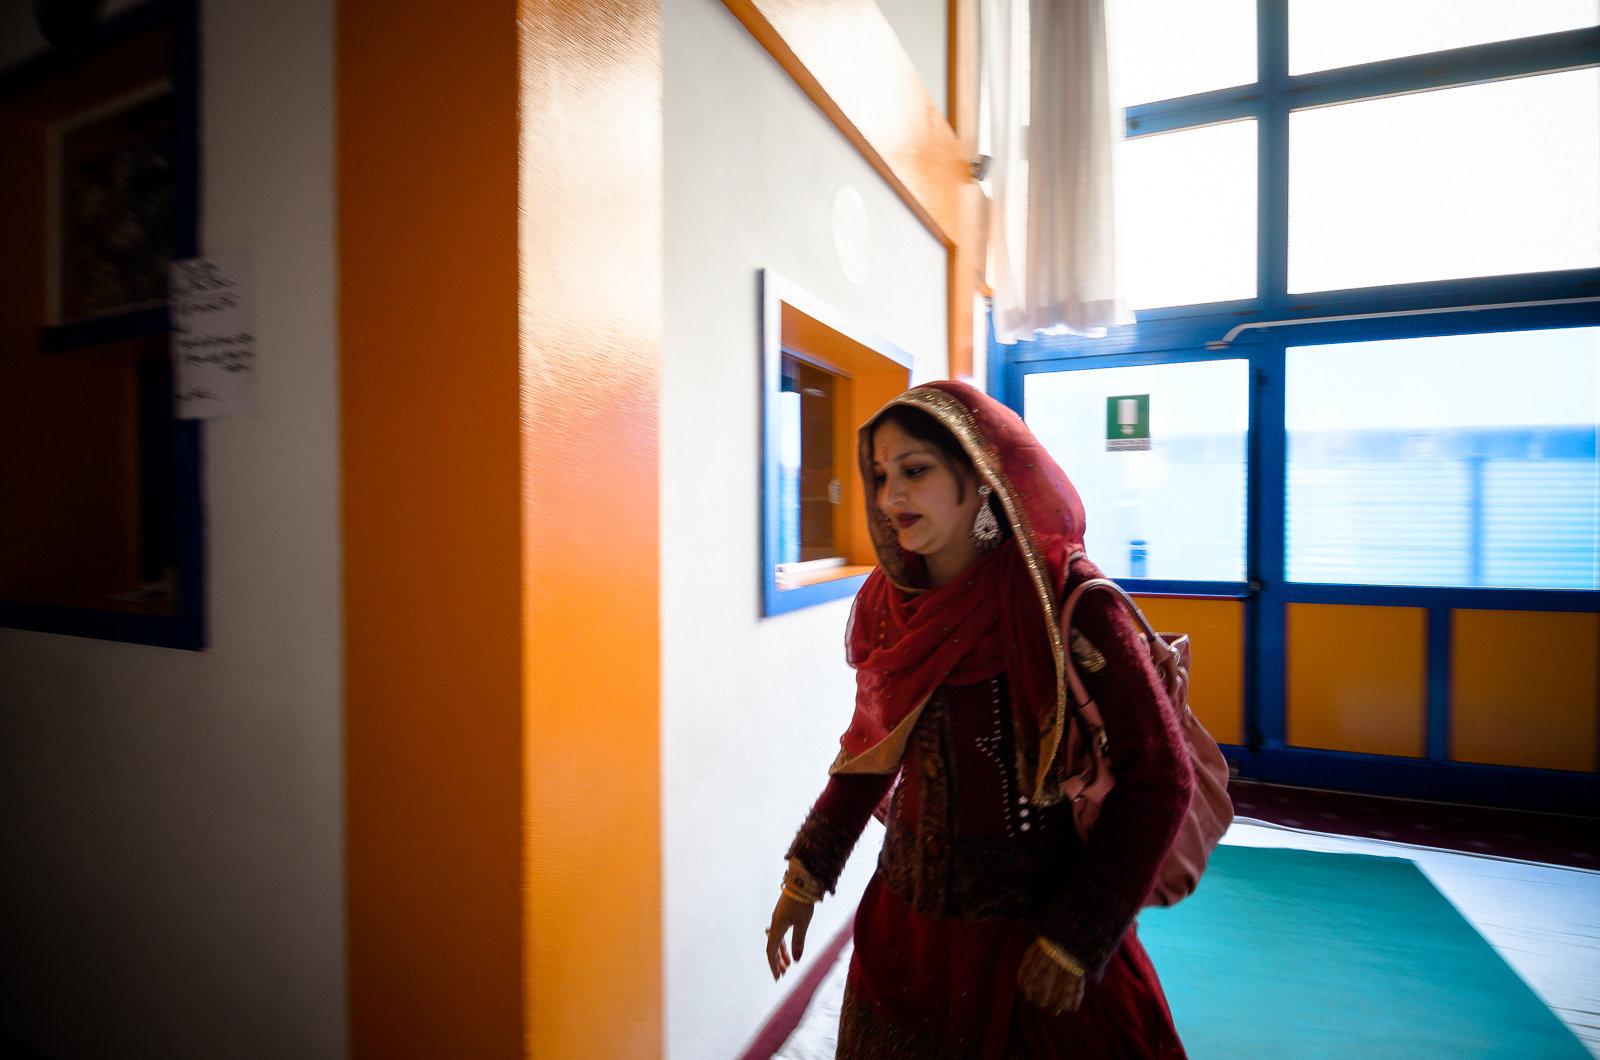 0011_20120414_Sikh_1123.jpg